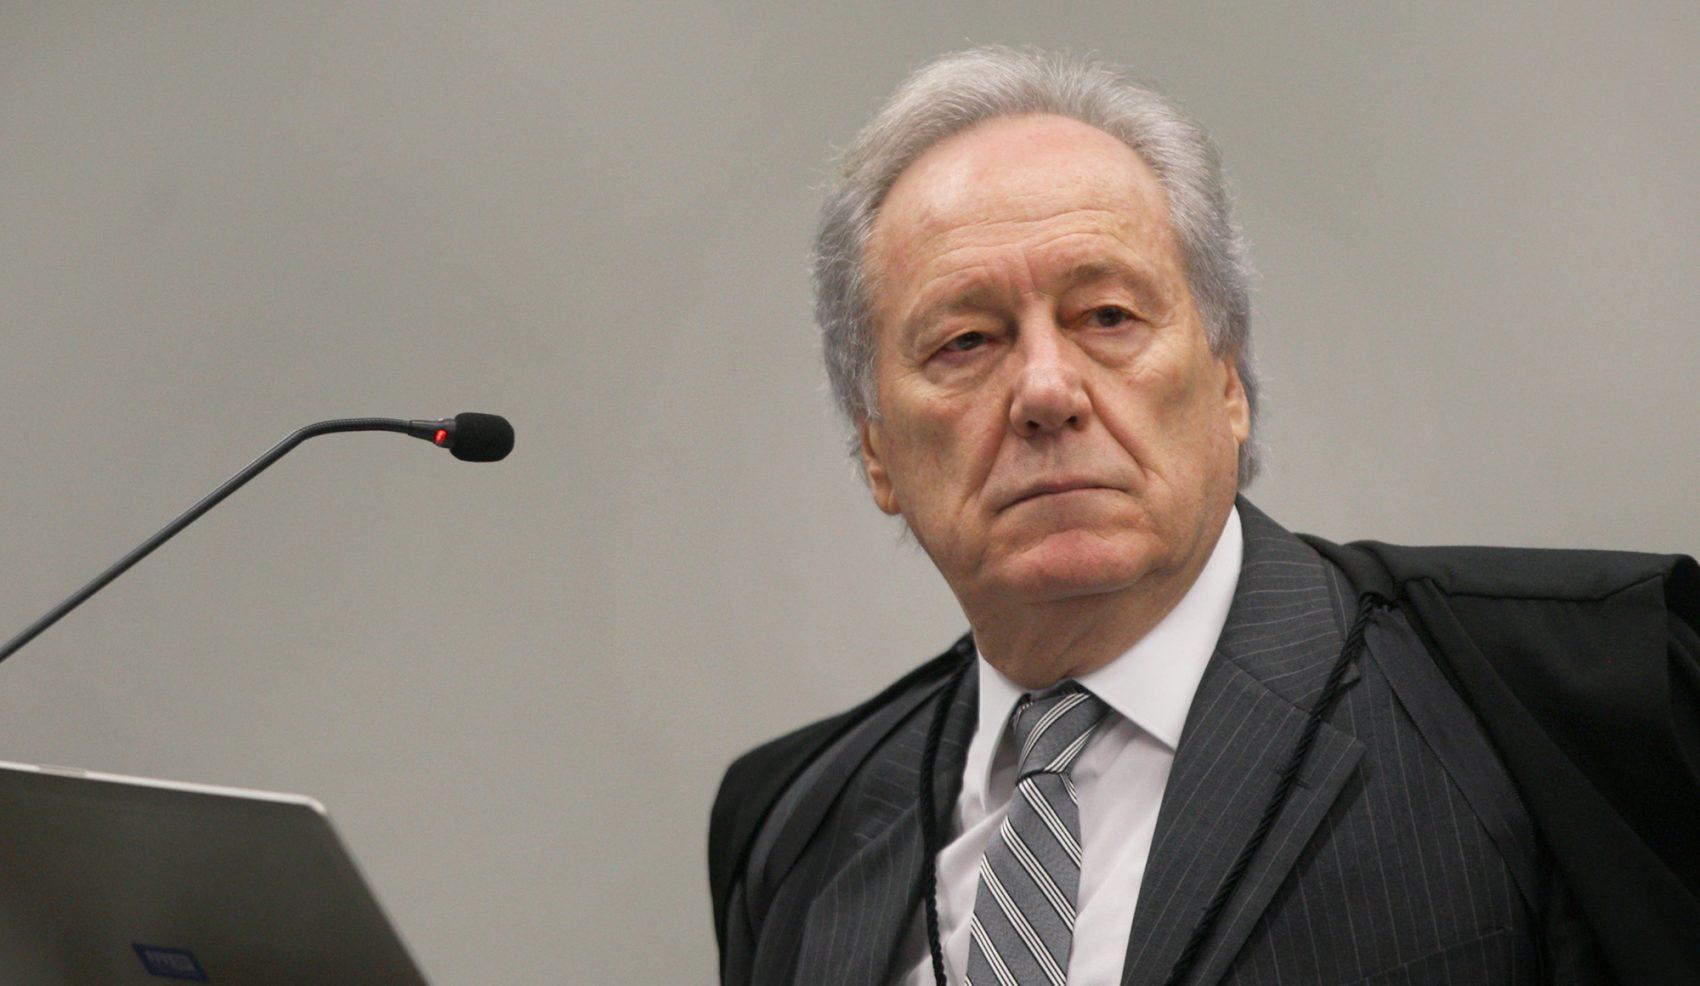 """No primeiro dia de julgamento, Lewandowski fulminou: """"dentre milhares de habeas corpus que a primeira e a segunda turma julgam no ano todo, por que o do ex-presidente Lula tem que ir ao plenário?"""""""